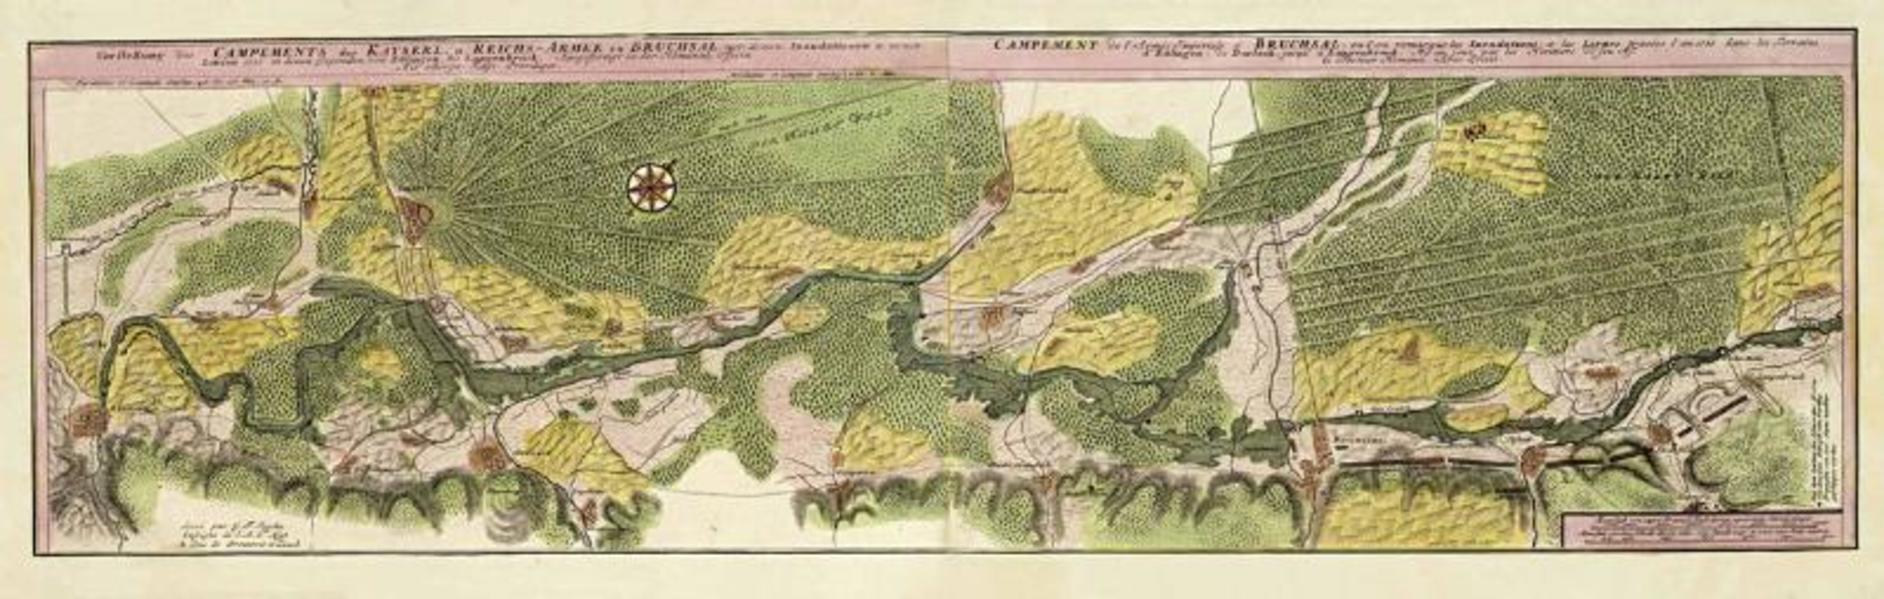 Vorstellung des Campements der Kayserl. U. Reichsarmee zu Bruchsal - Coverbild